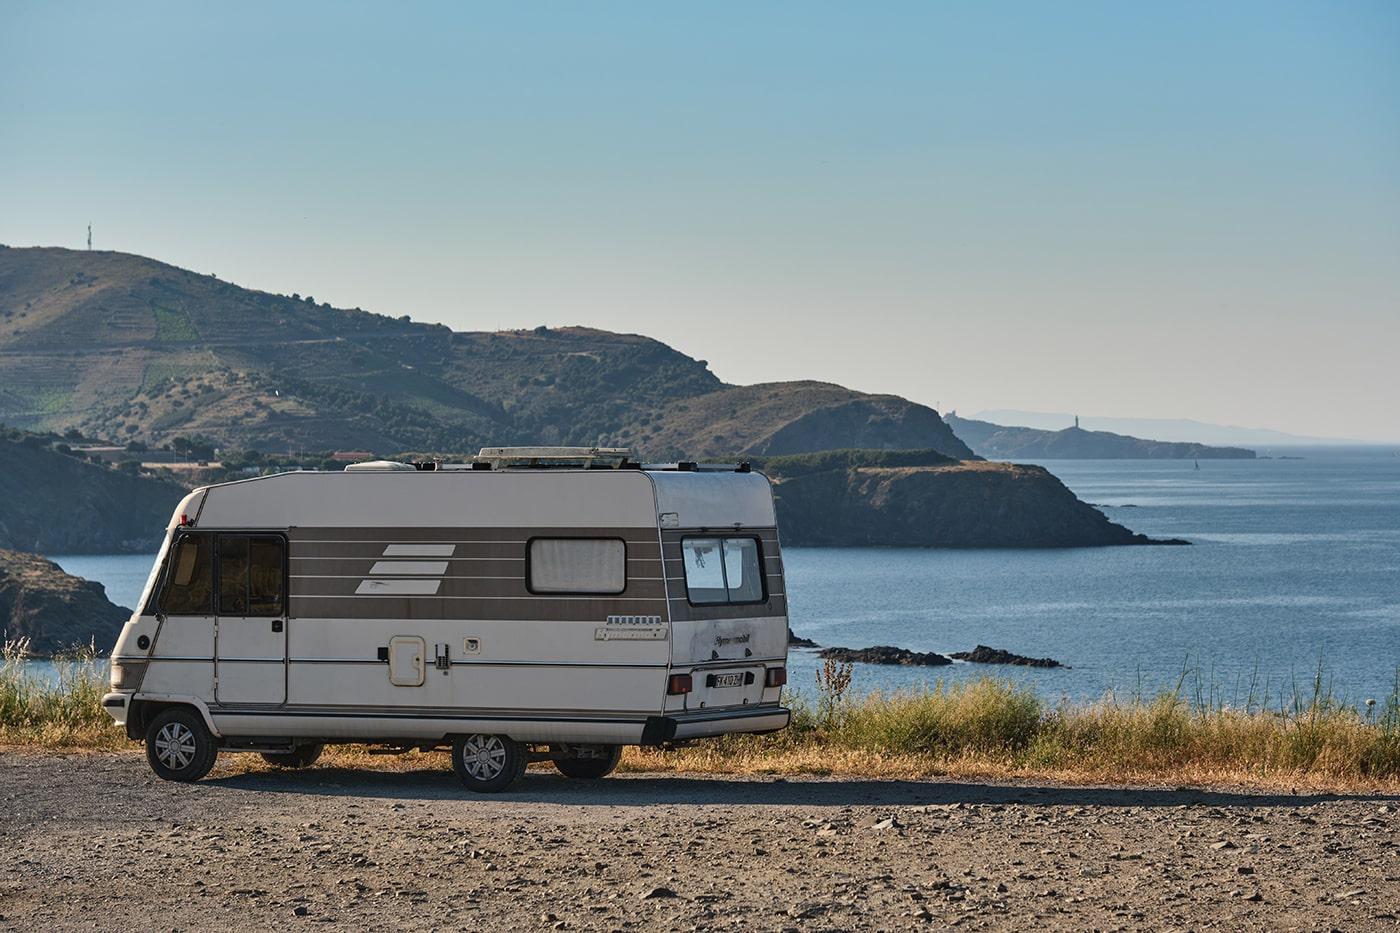 Voyage en camping-car sur la côte Vermeille